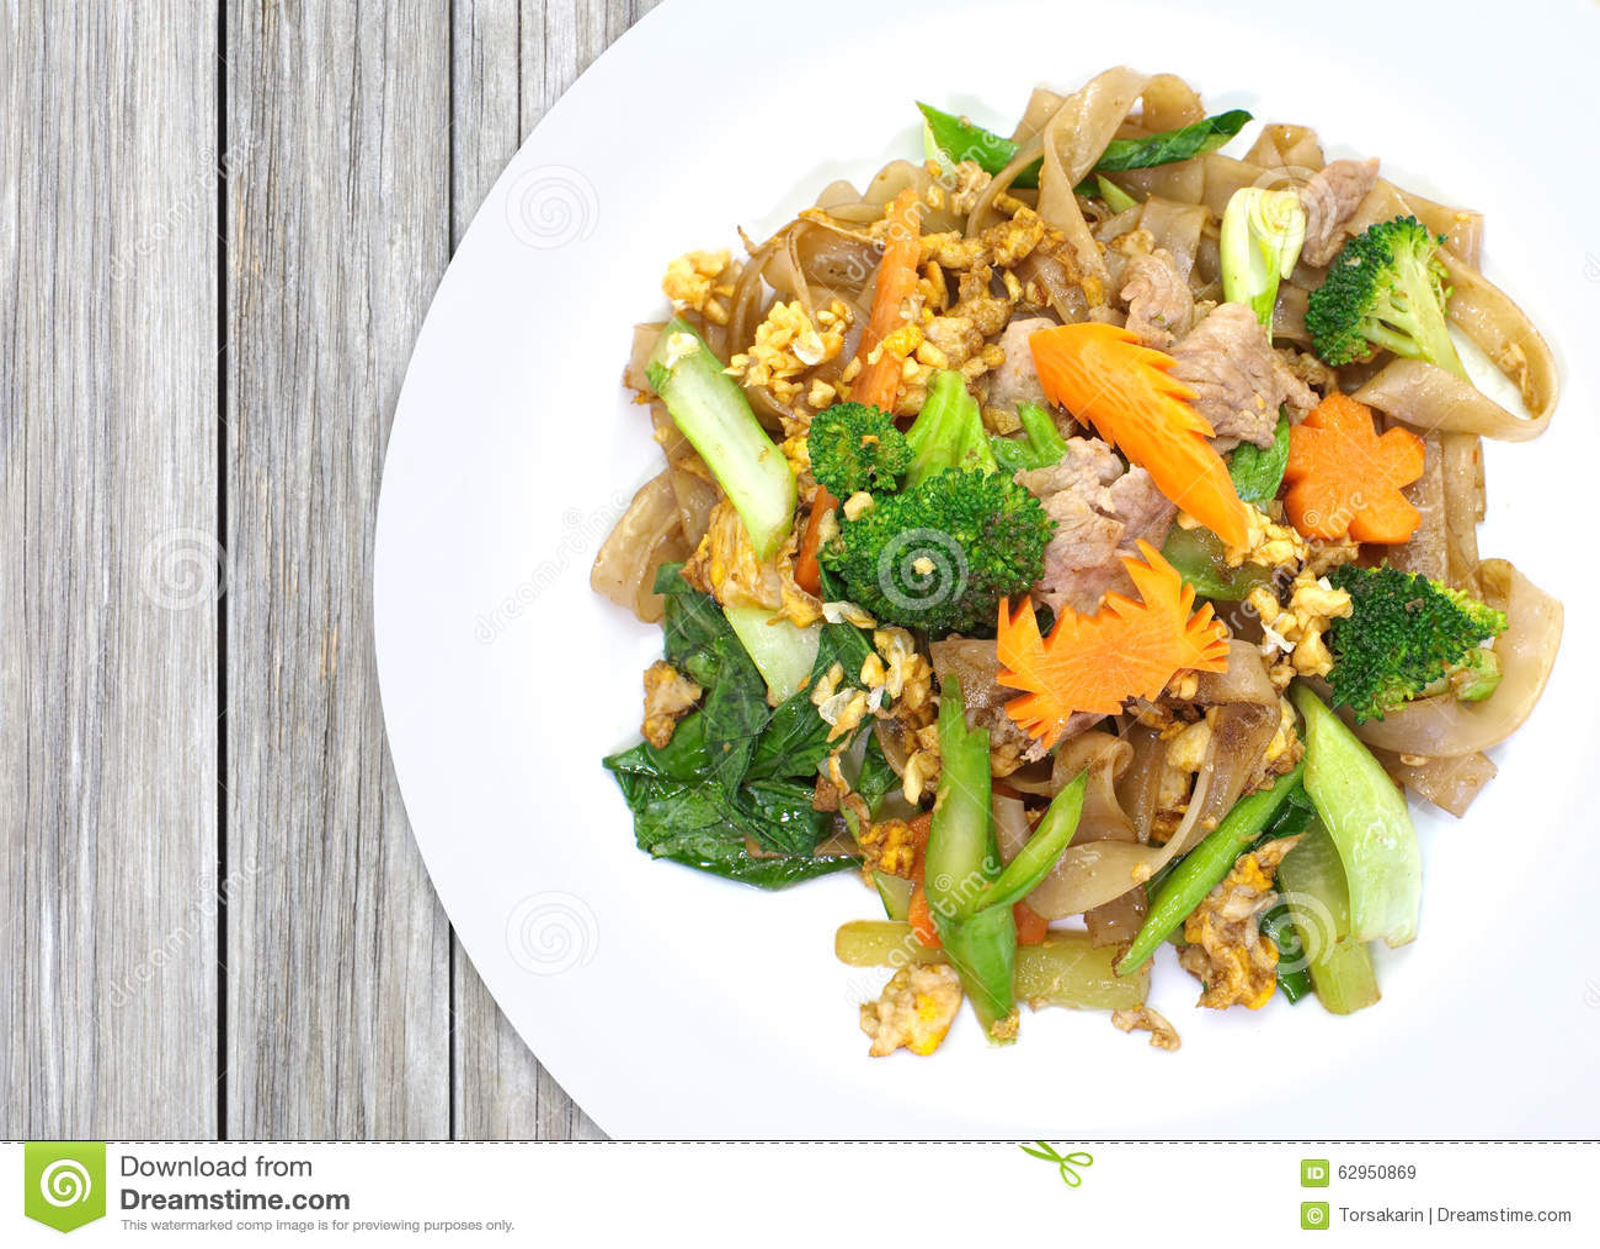 Tallarines fritos chino con el cerdo, huevo